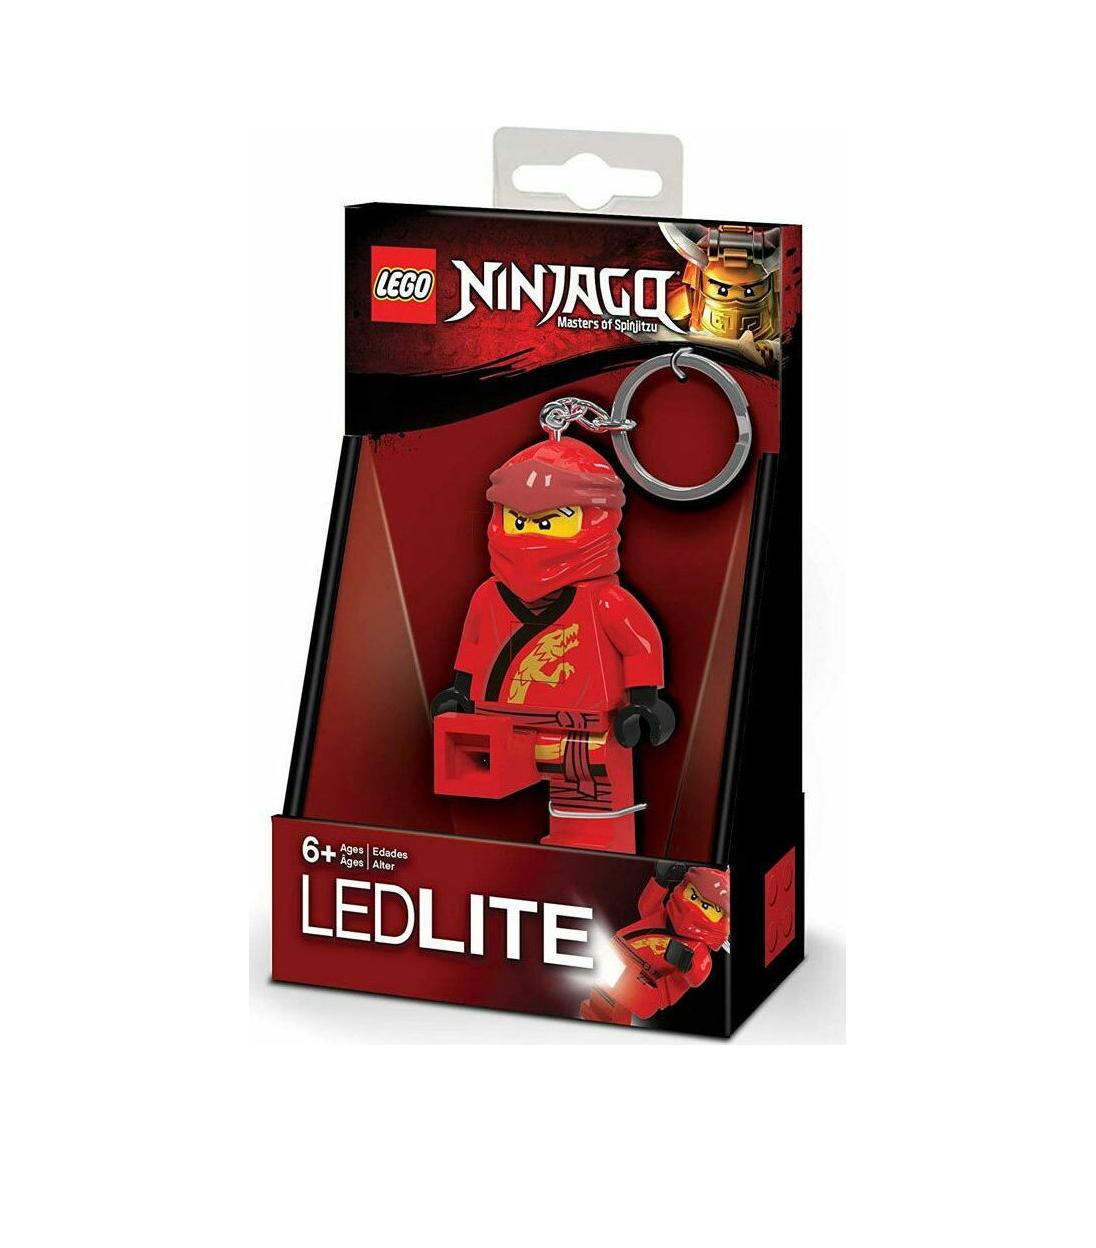 LEGO Ninjago Legacy Kai Key Light LGL-KE149 298096